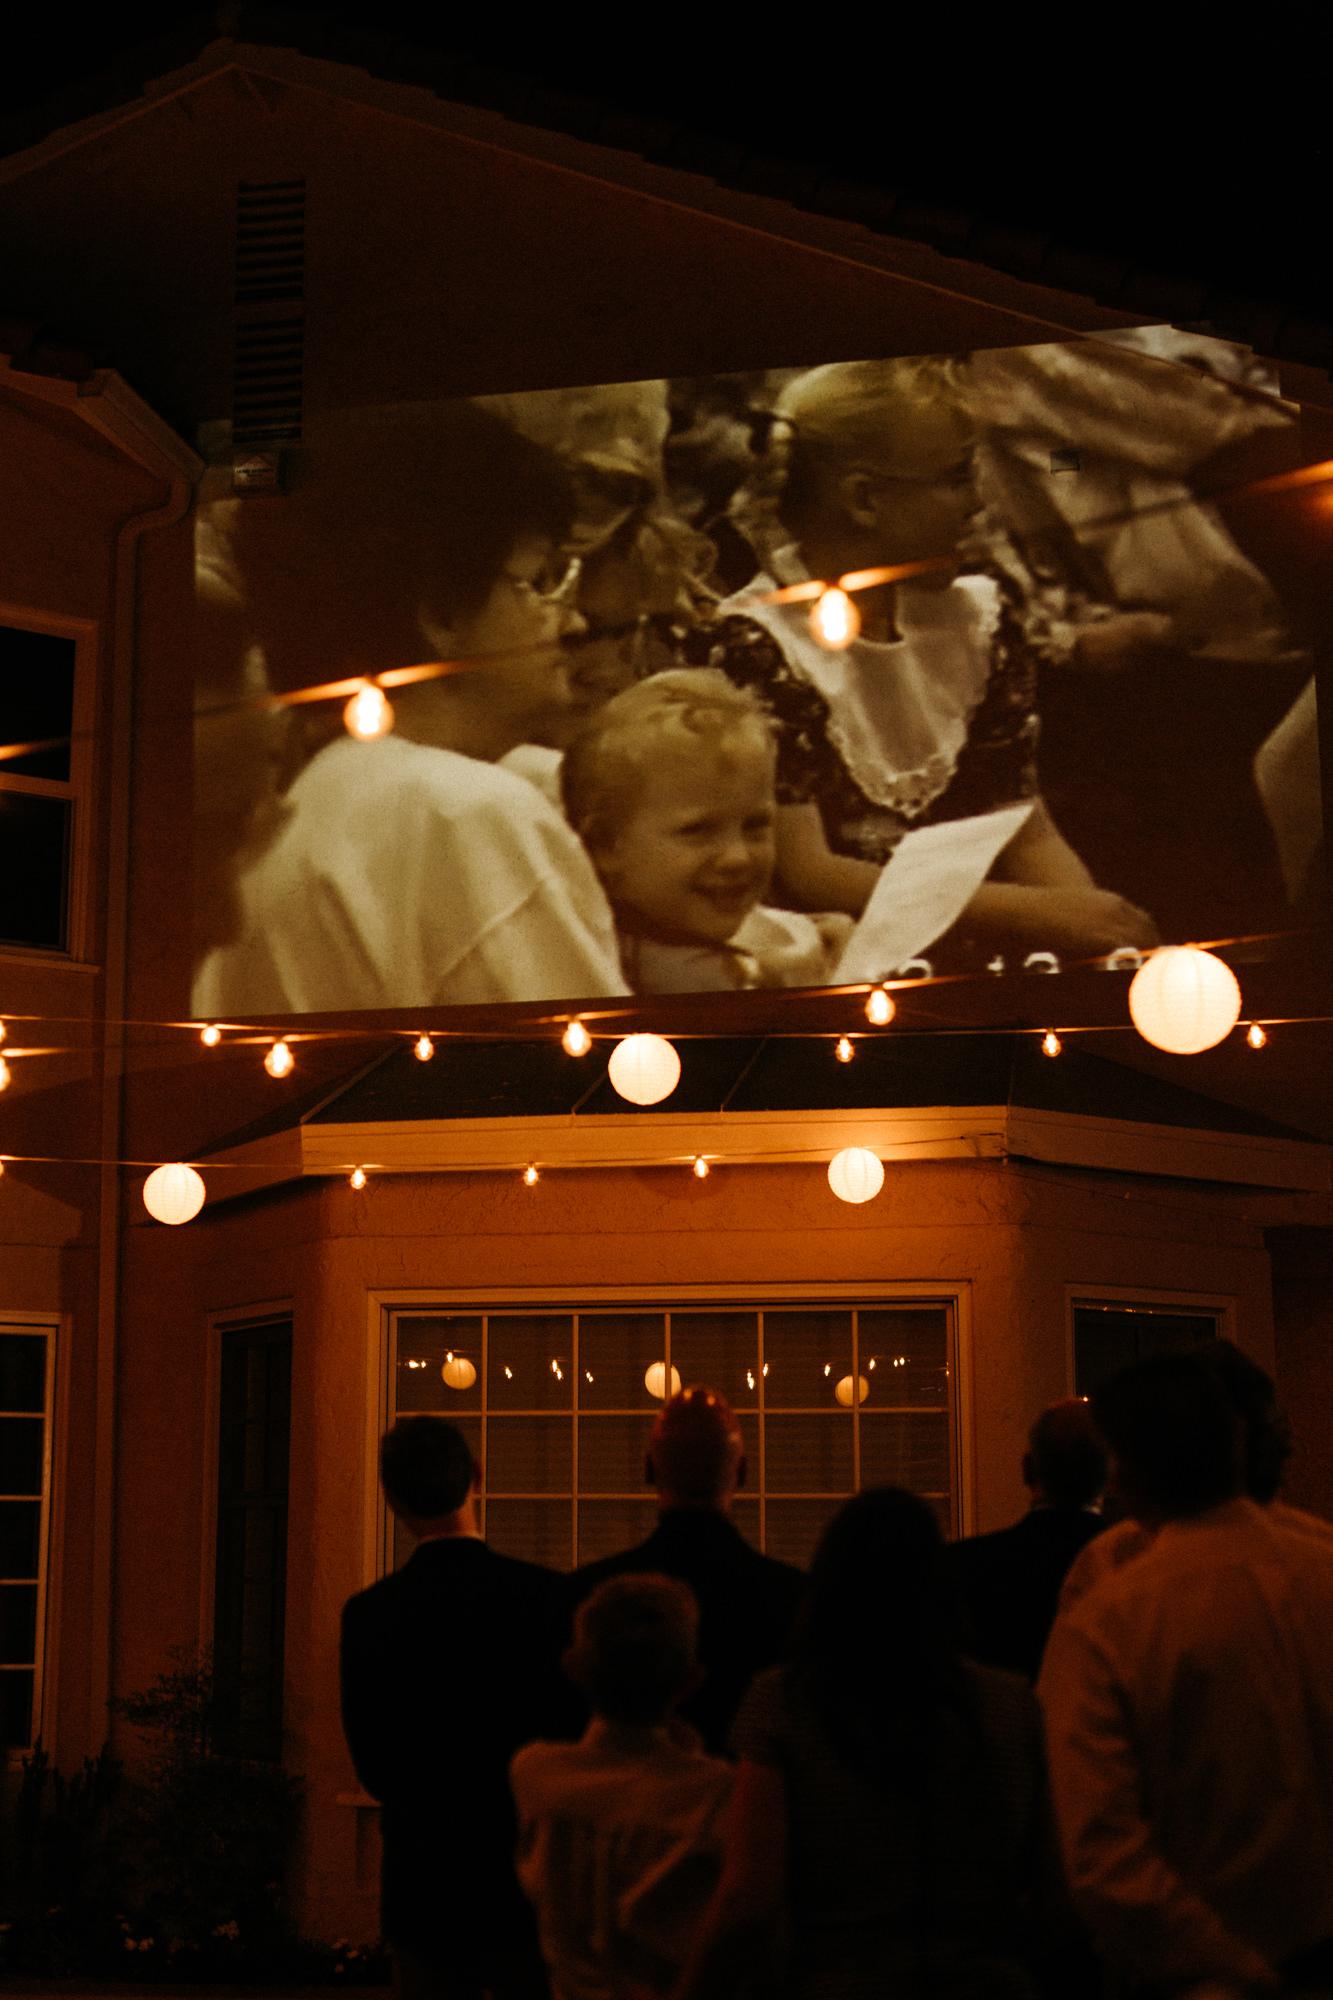 los_angeles_mormon_temple_wedding-55.jpg